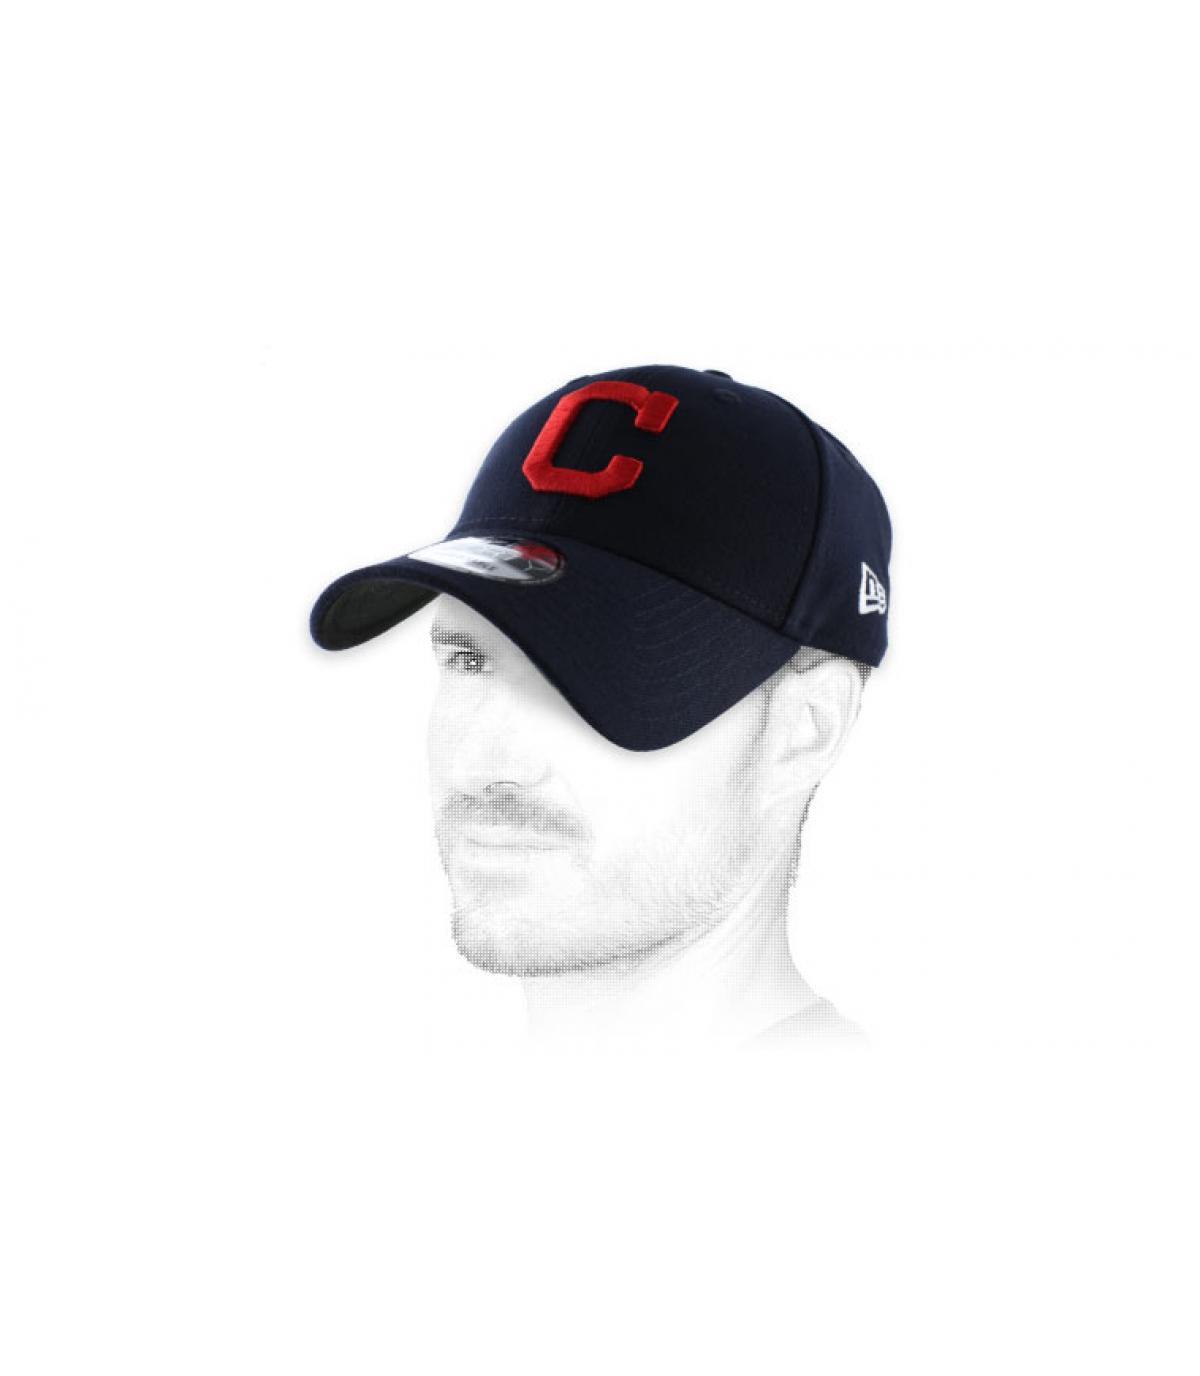 casquette curve C rouge bleu